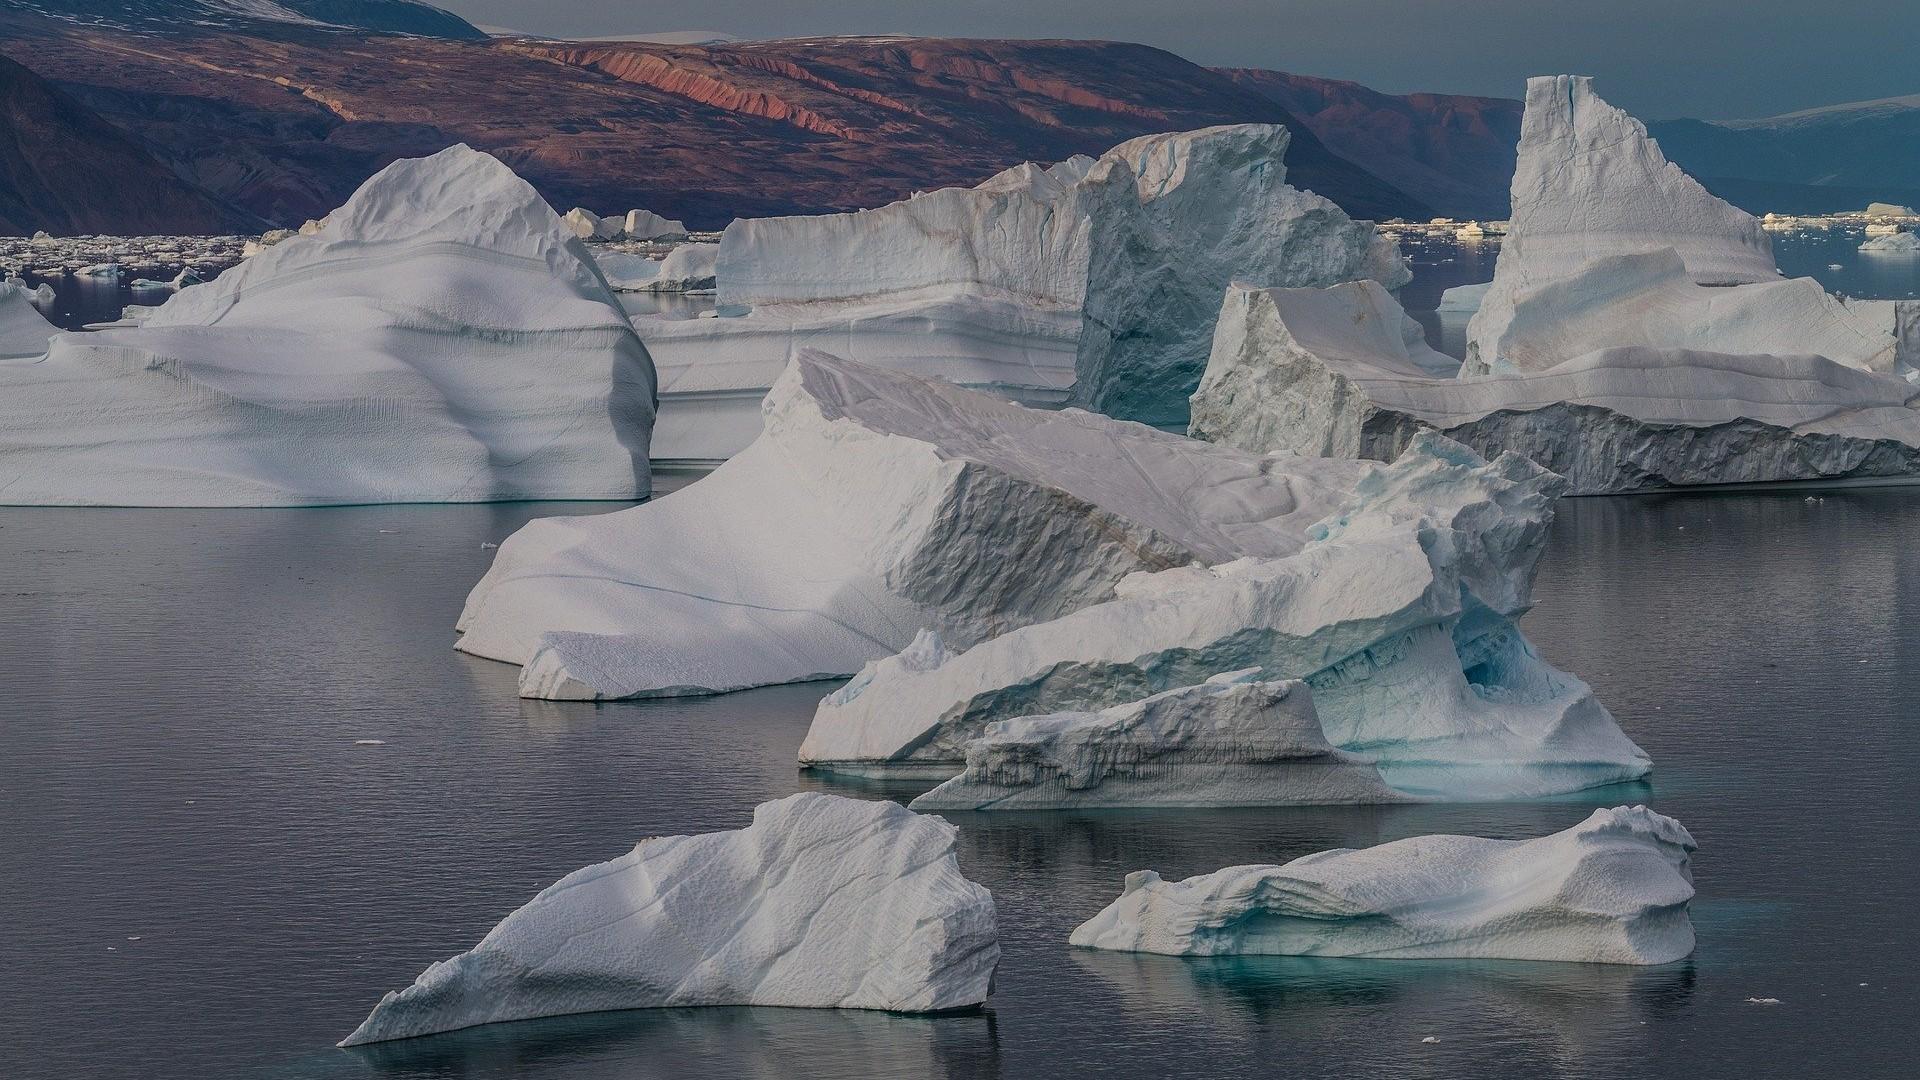 Les microplastiques qui polluent l'Arctique proviennent de nos vêtements